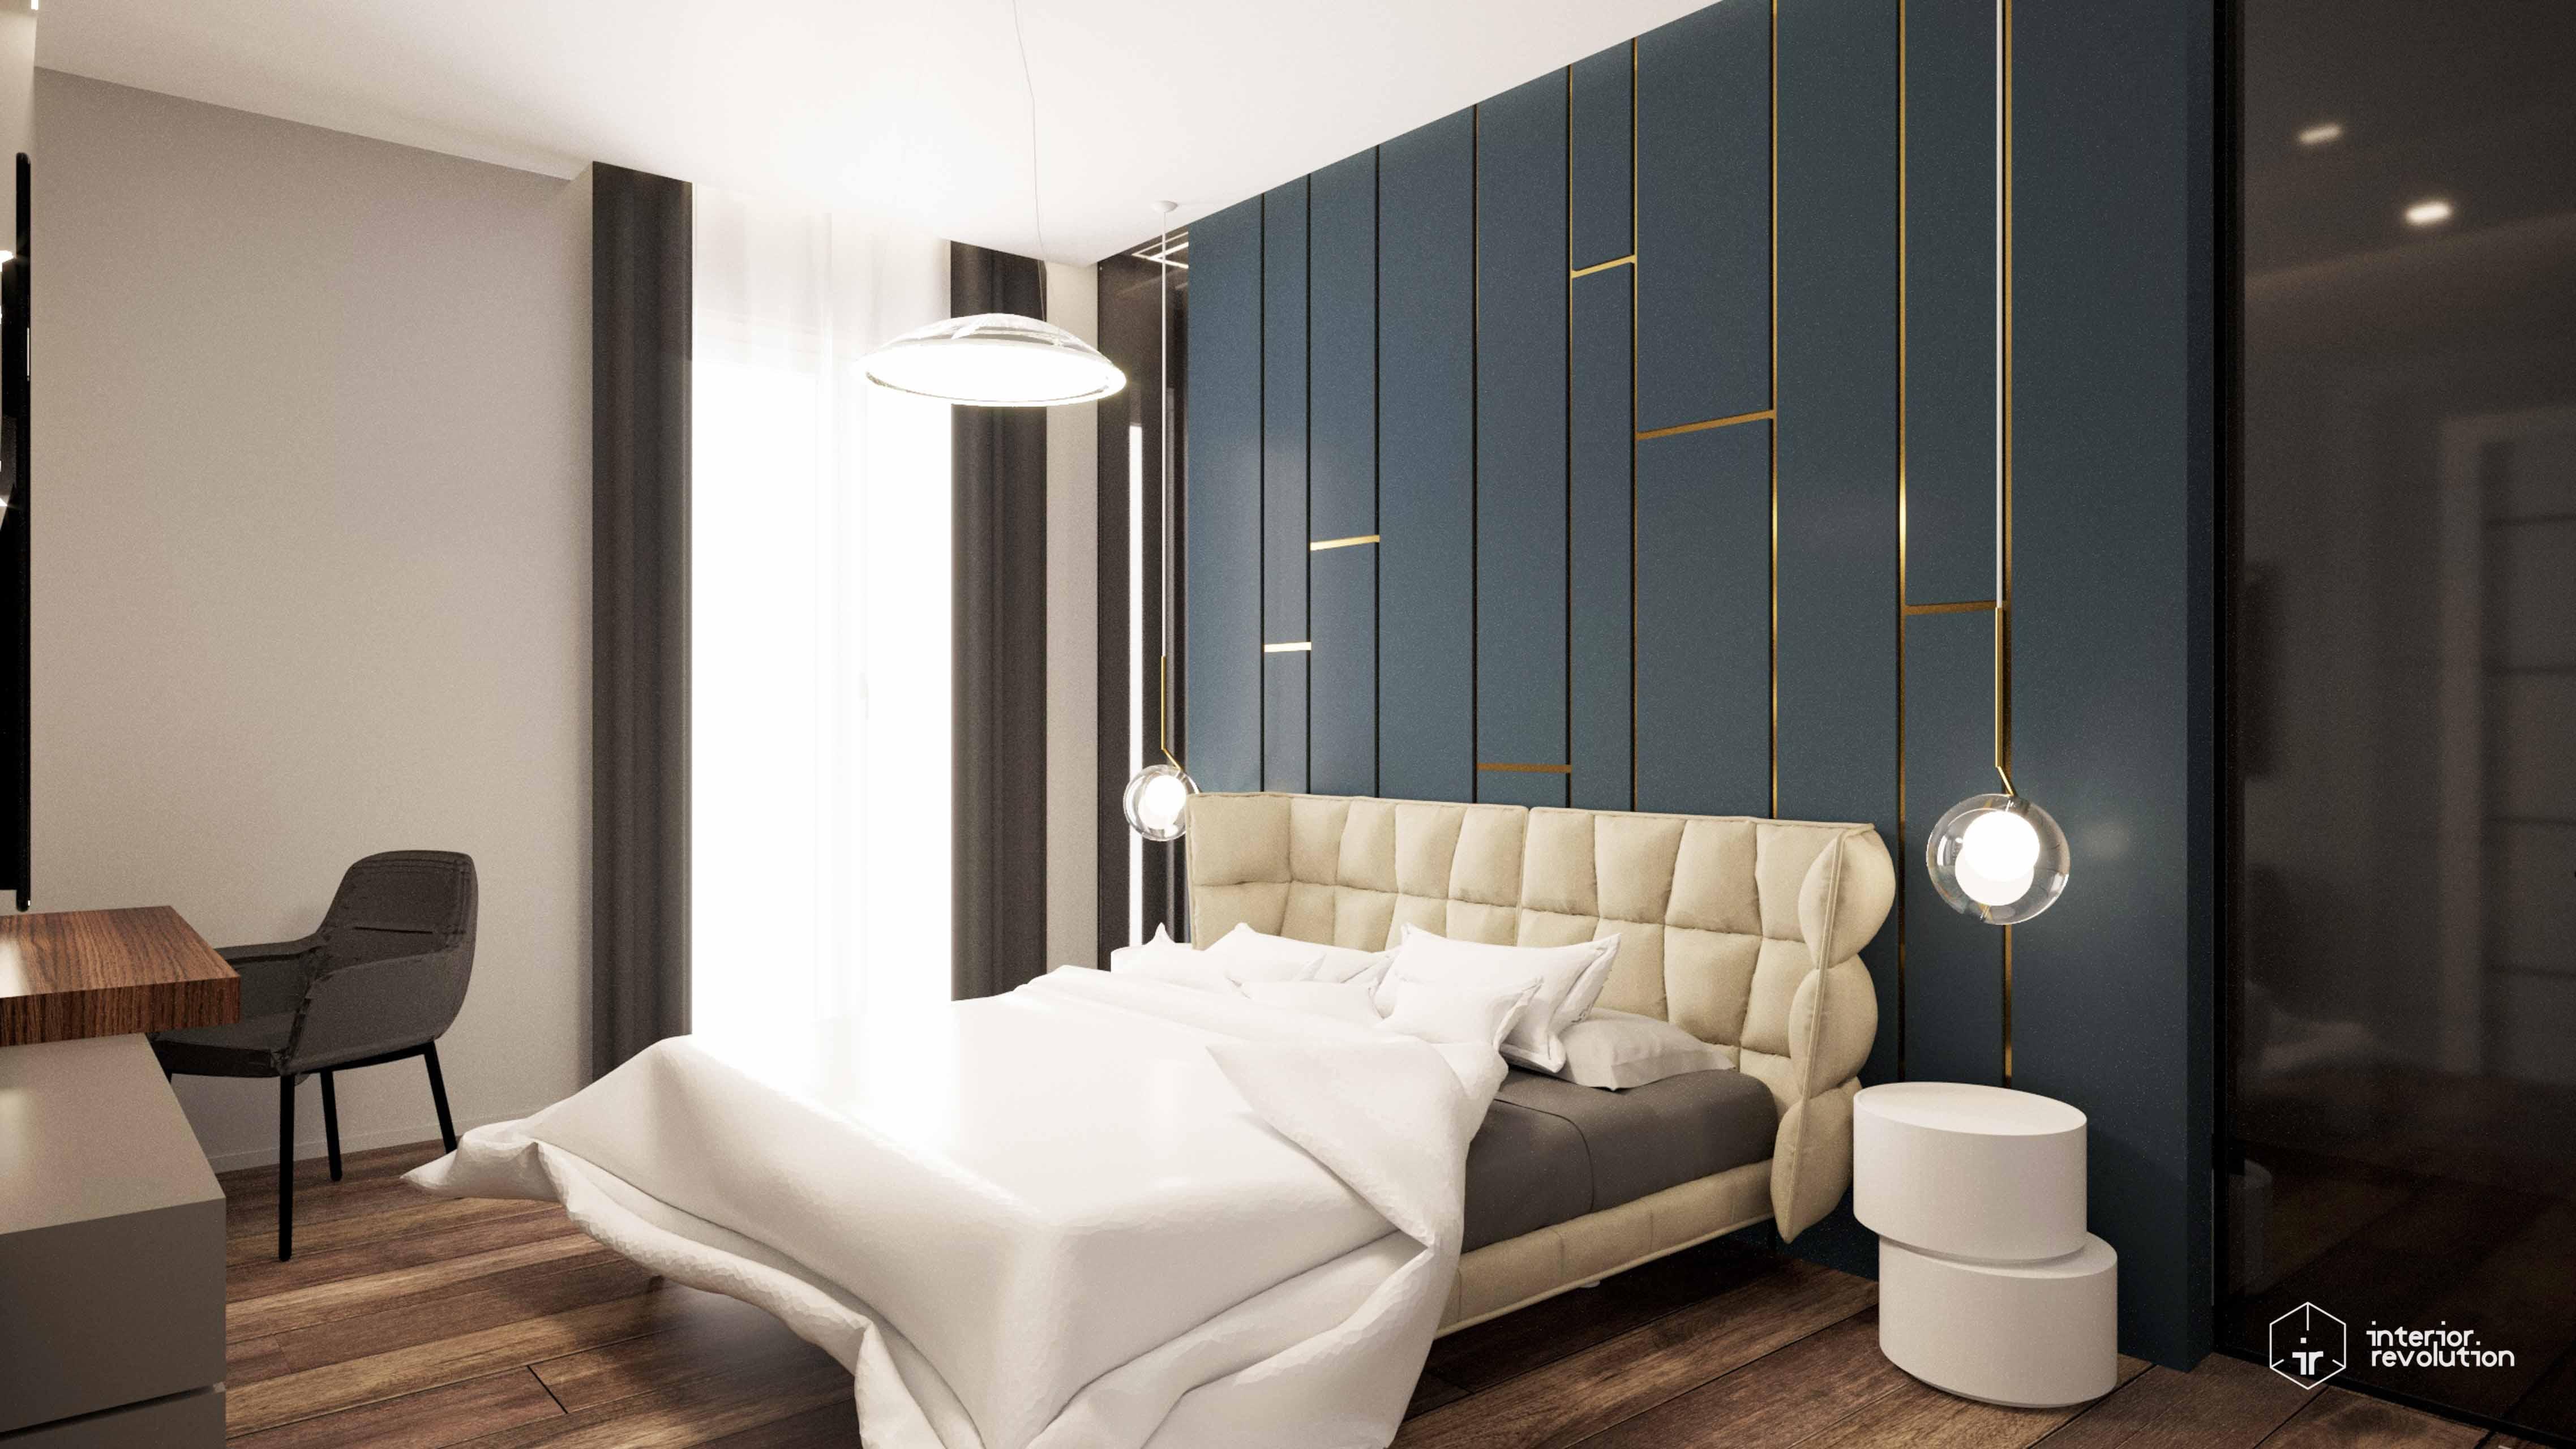 Tendenze Camere Da Letto.Top 5 Le Tendenze Dell Interior Design 2020 Interior Revolution